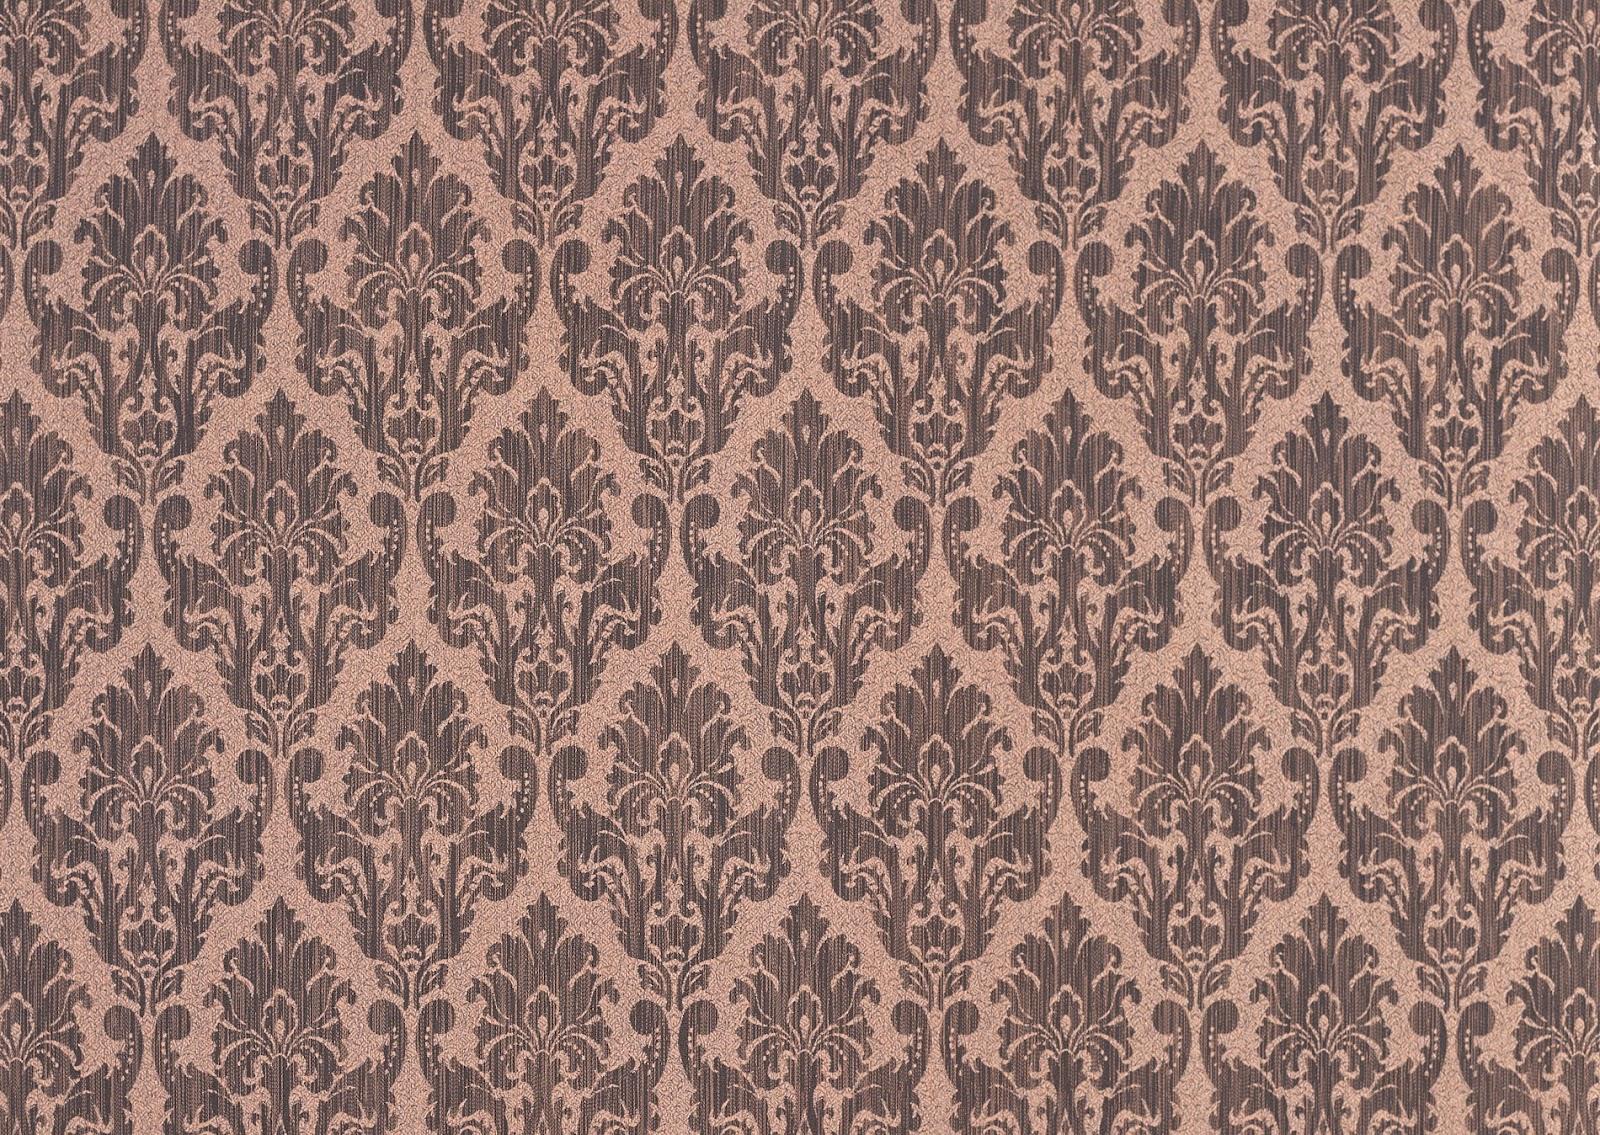 Коллекция картинок: Фоны, ч. 3: madamkartinki.blogspot.com/2012/08/3_30.html